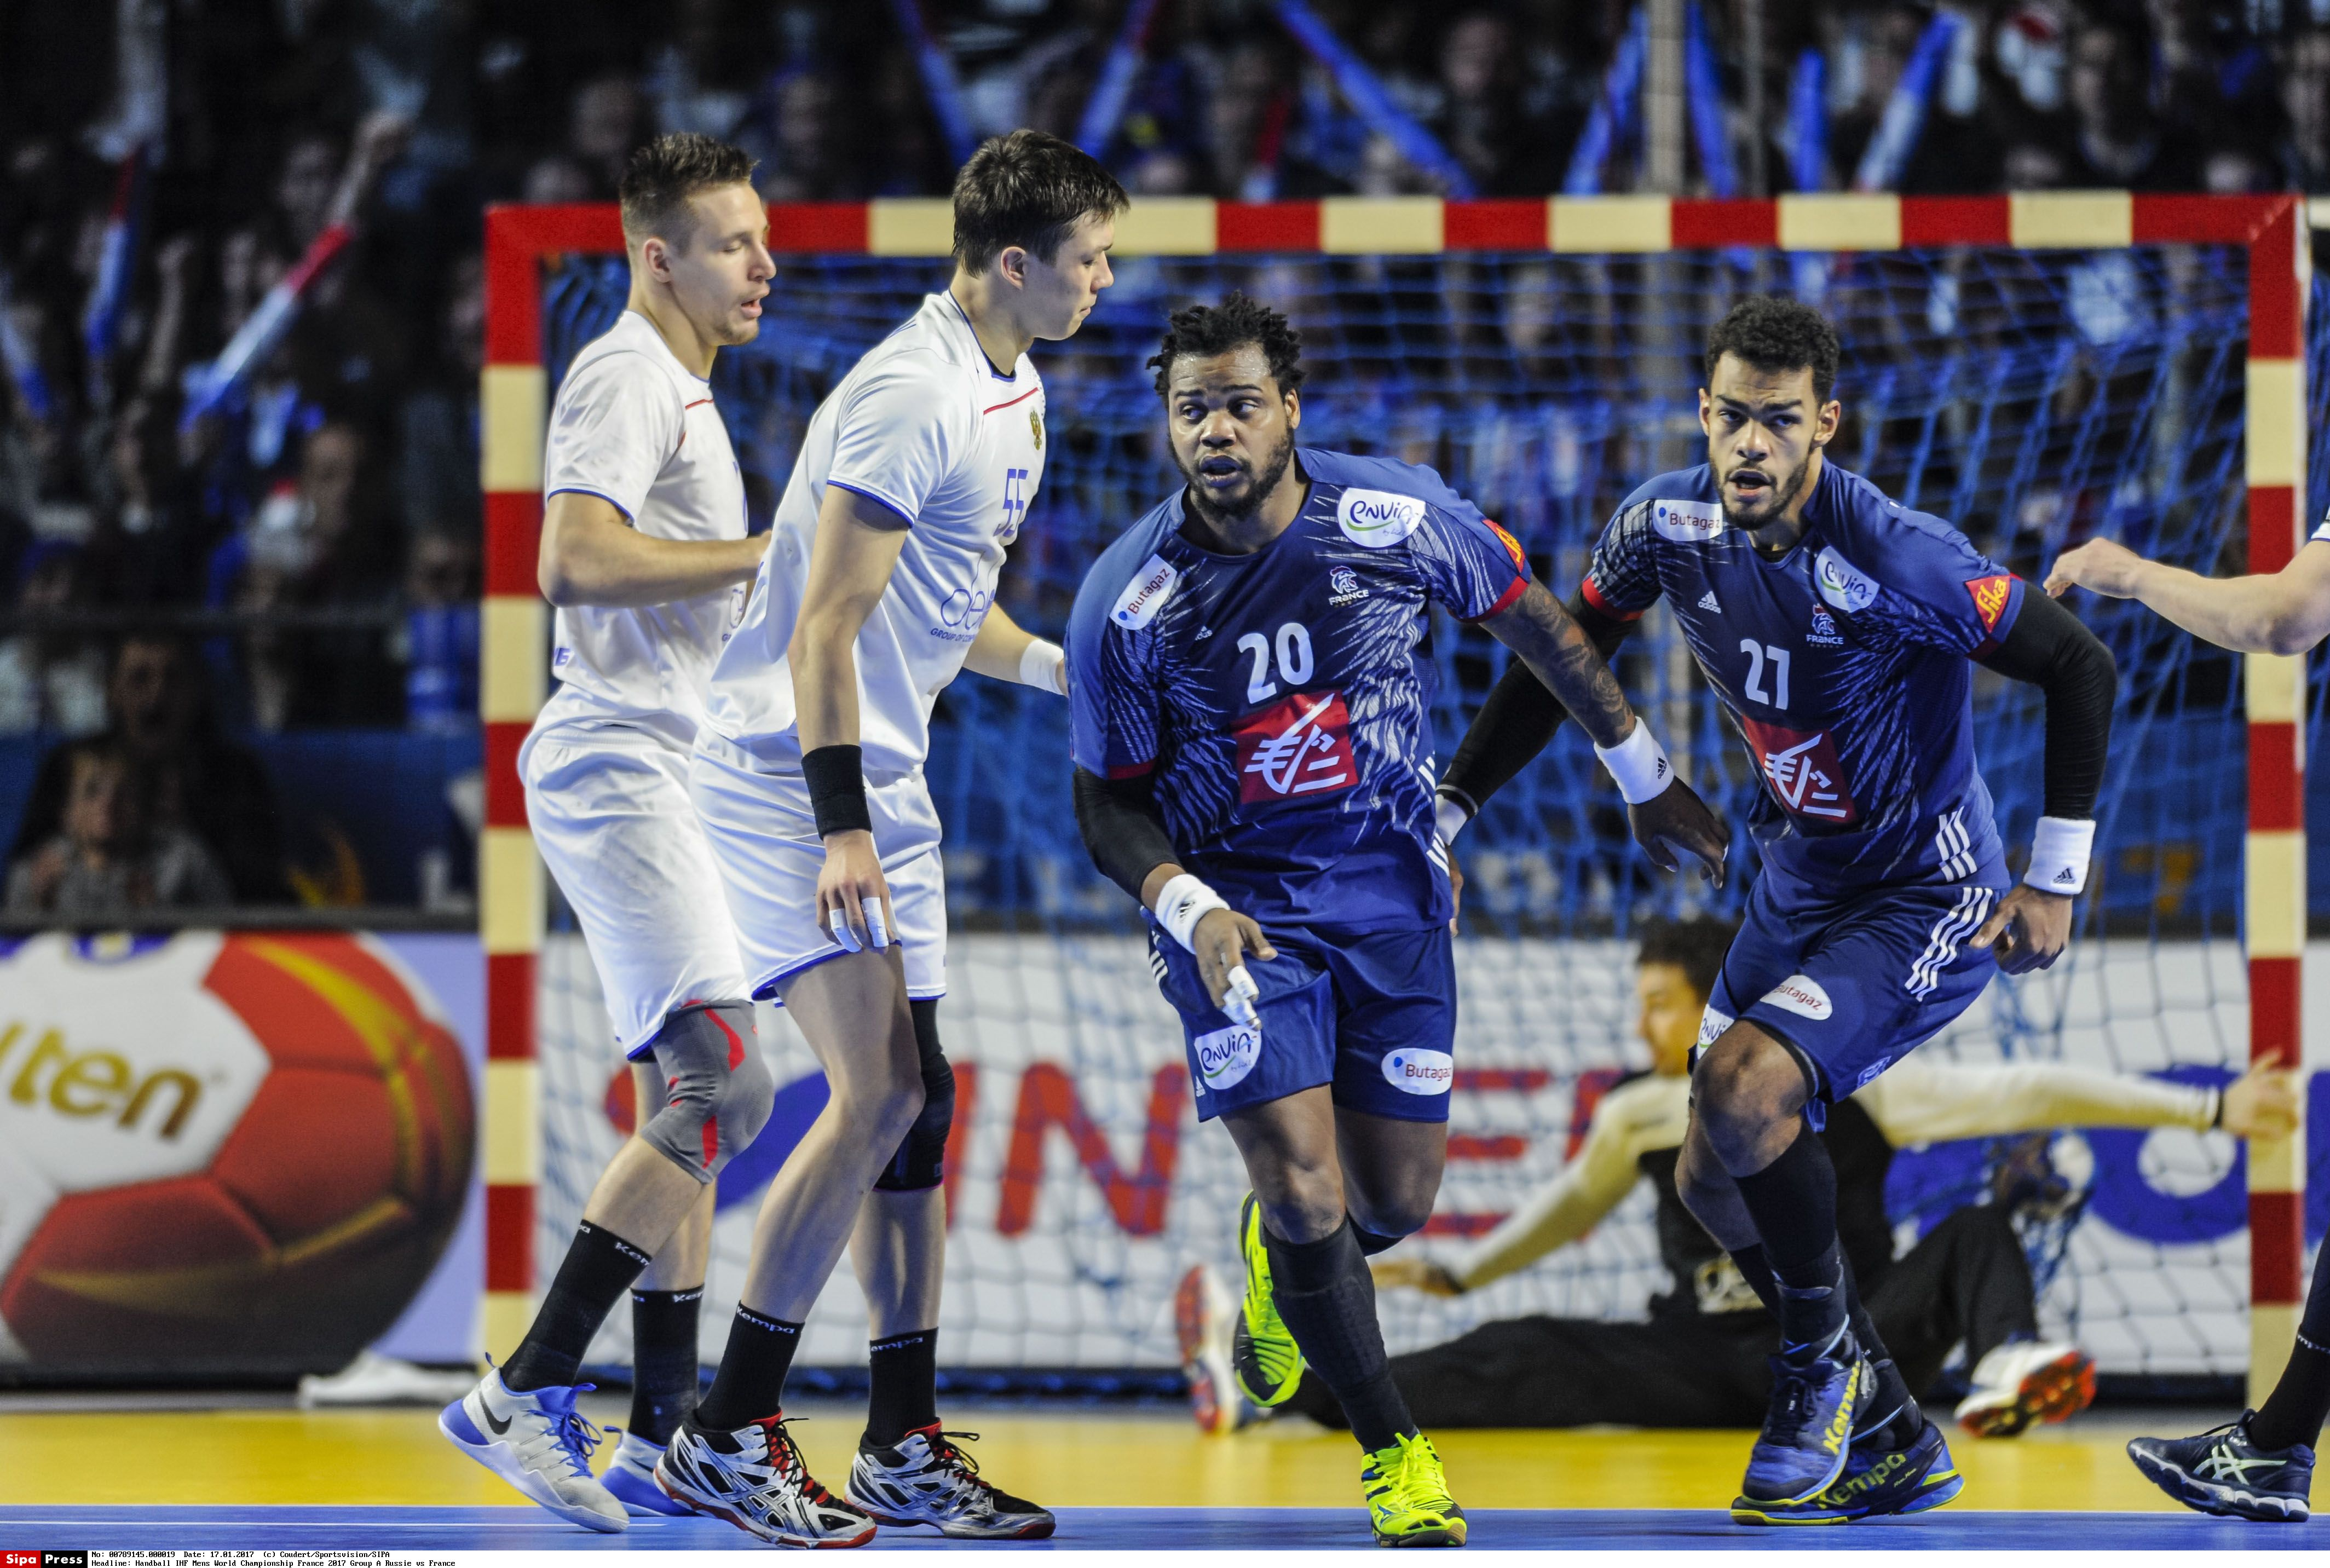 Coupe du monde de handball francetv pro pressrooms du groupe france t l visions - Hand ball coupe du monde ...